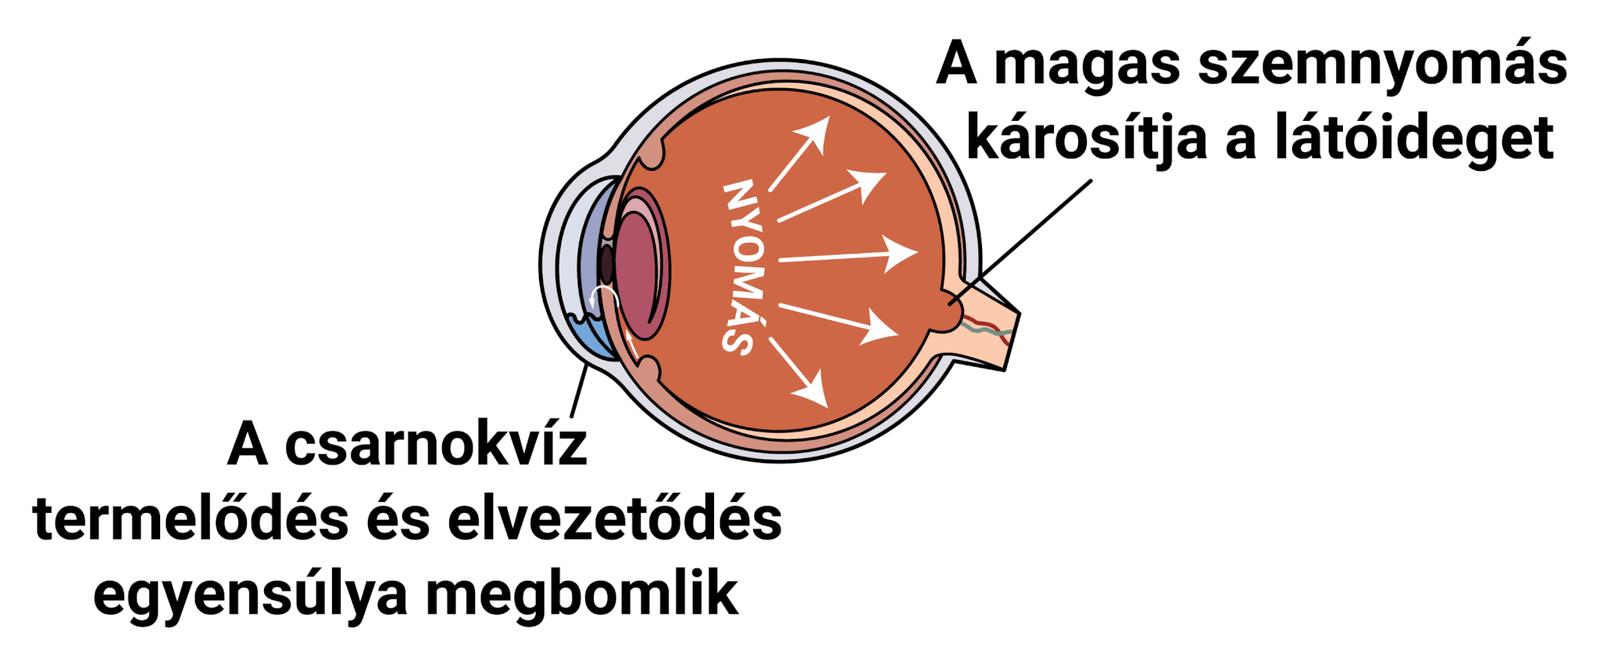 torna könyvek a látáshoz szemüveg szimulátorok a látás javítása érdekében